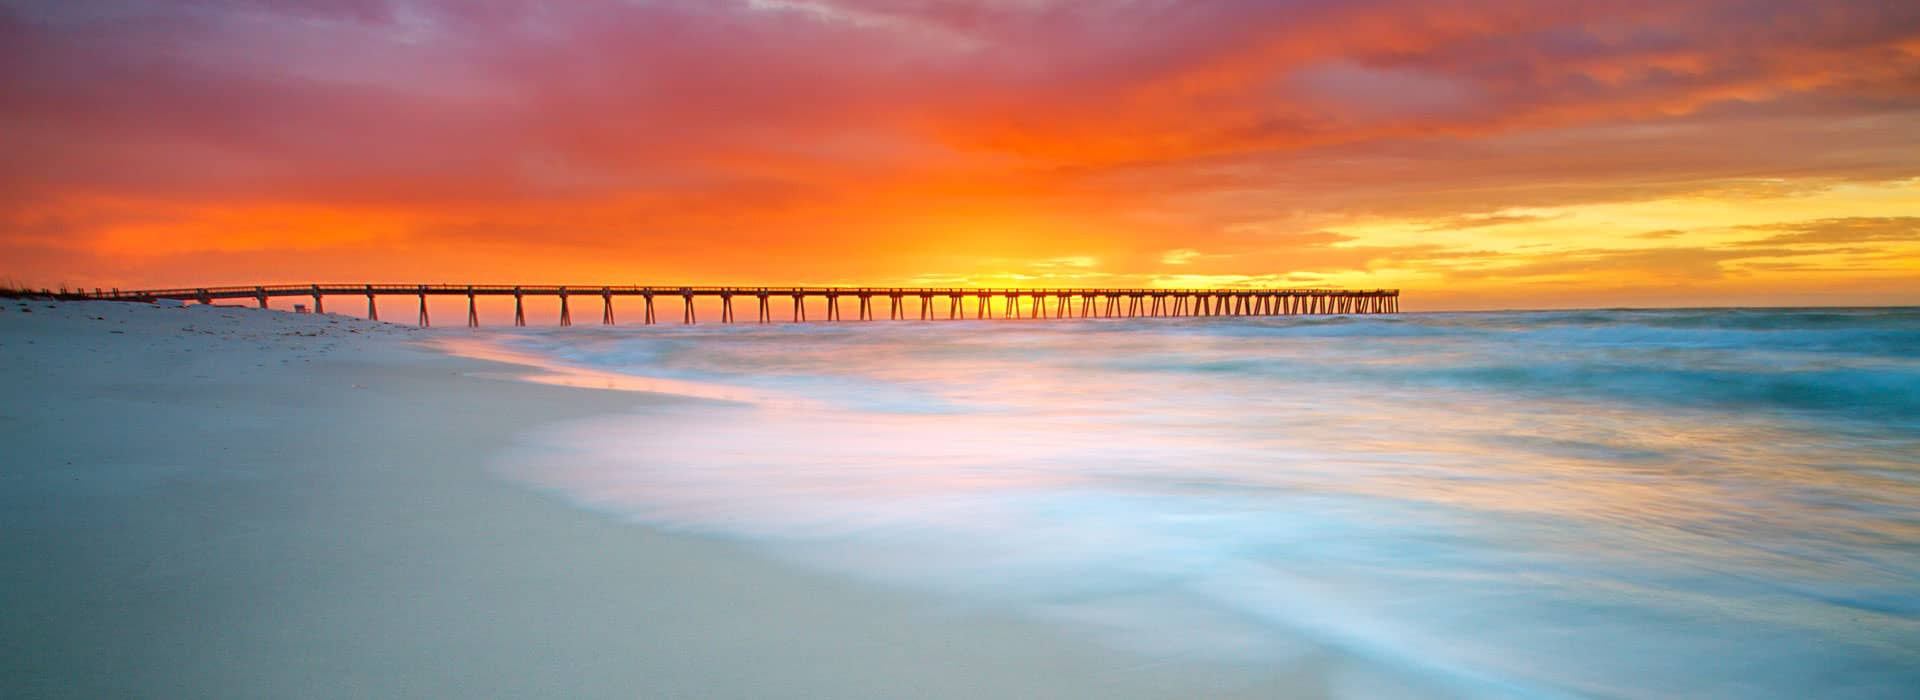 Navarre Beach Florida Family Vacations